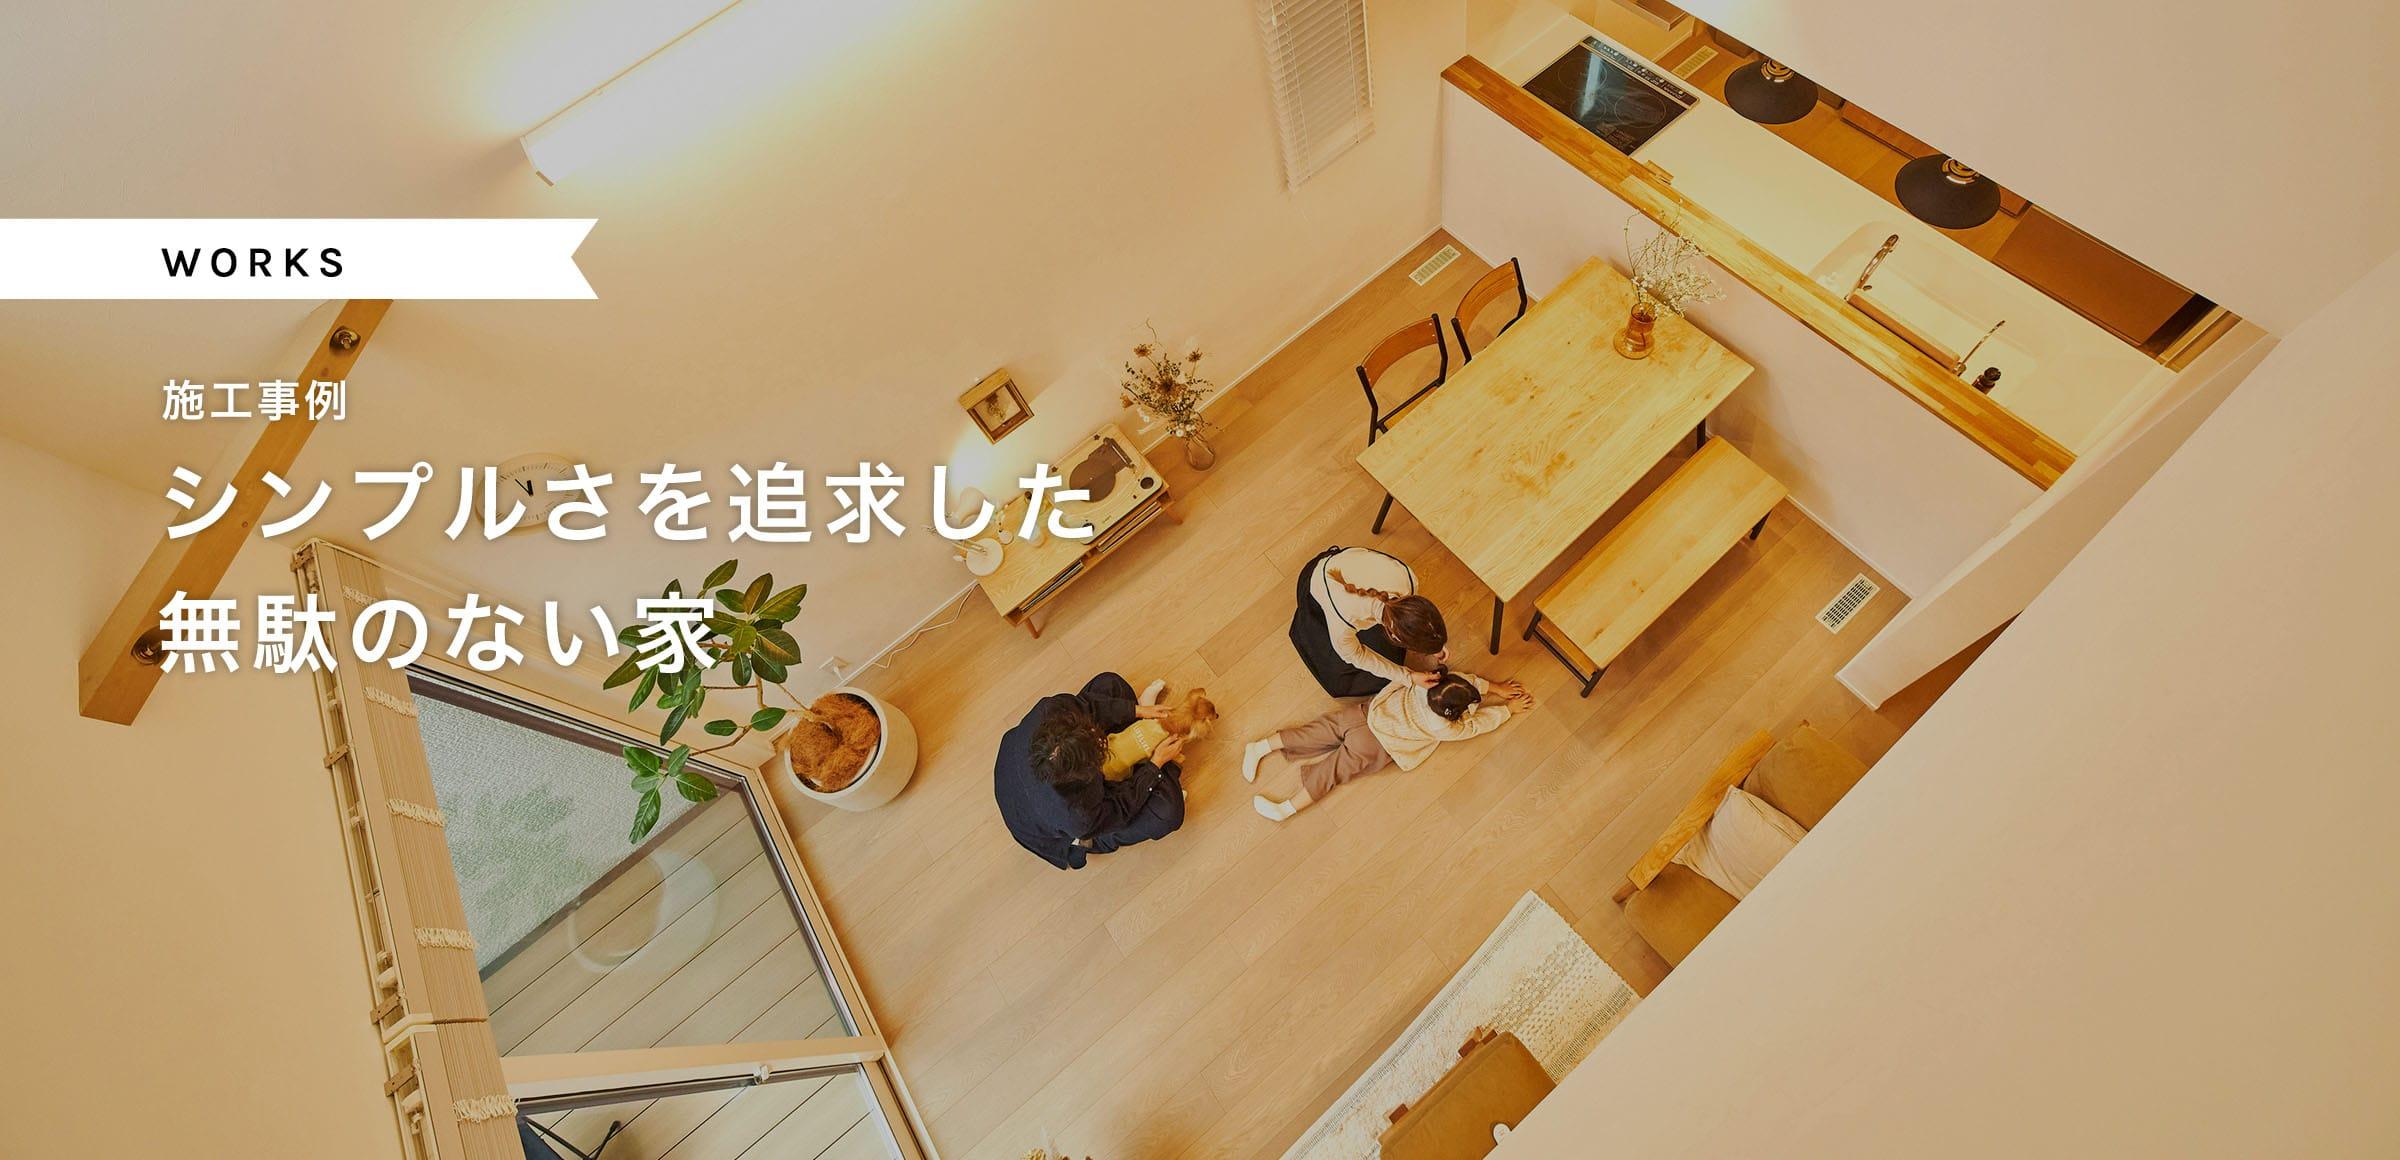 施工事例 シンプルさを追求した無駄のない家 詳細はこちら